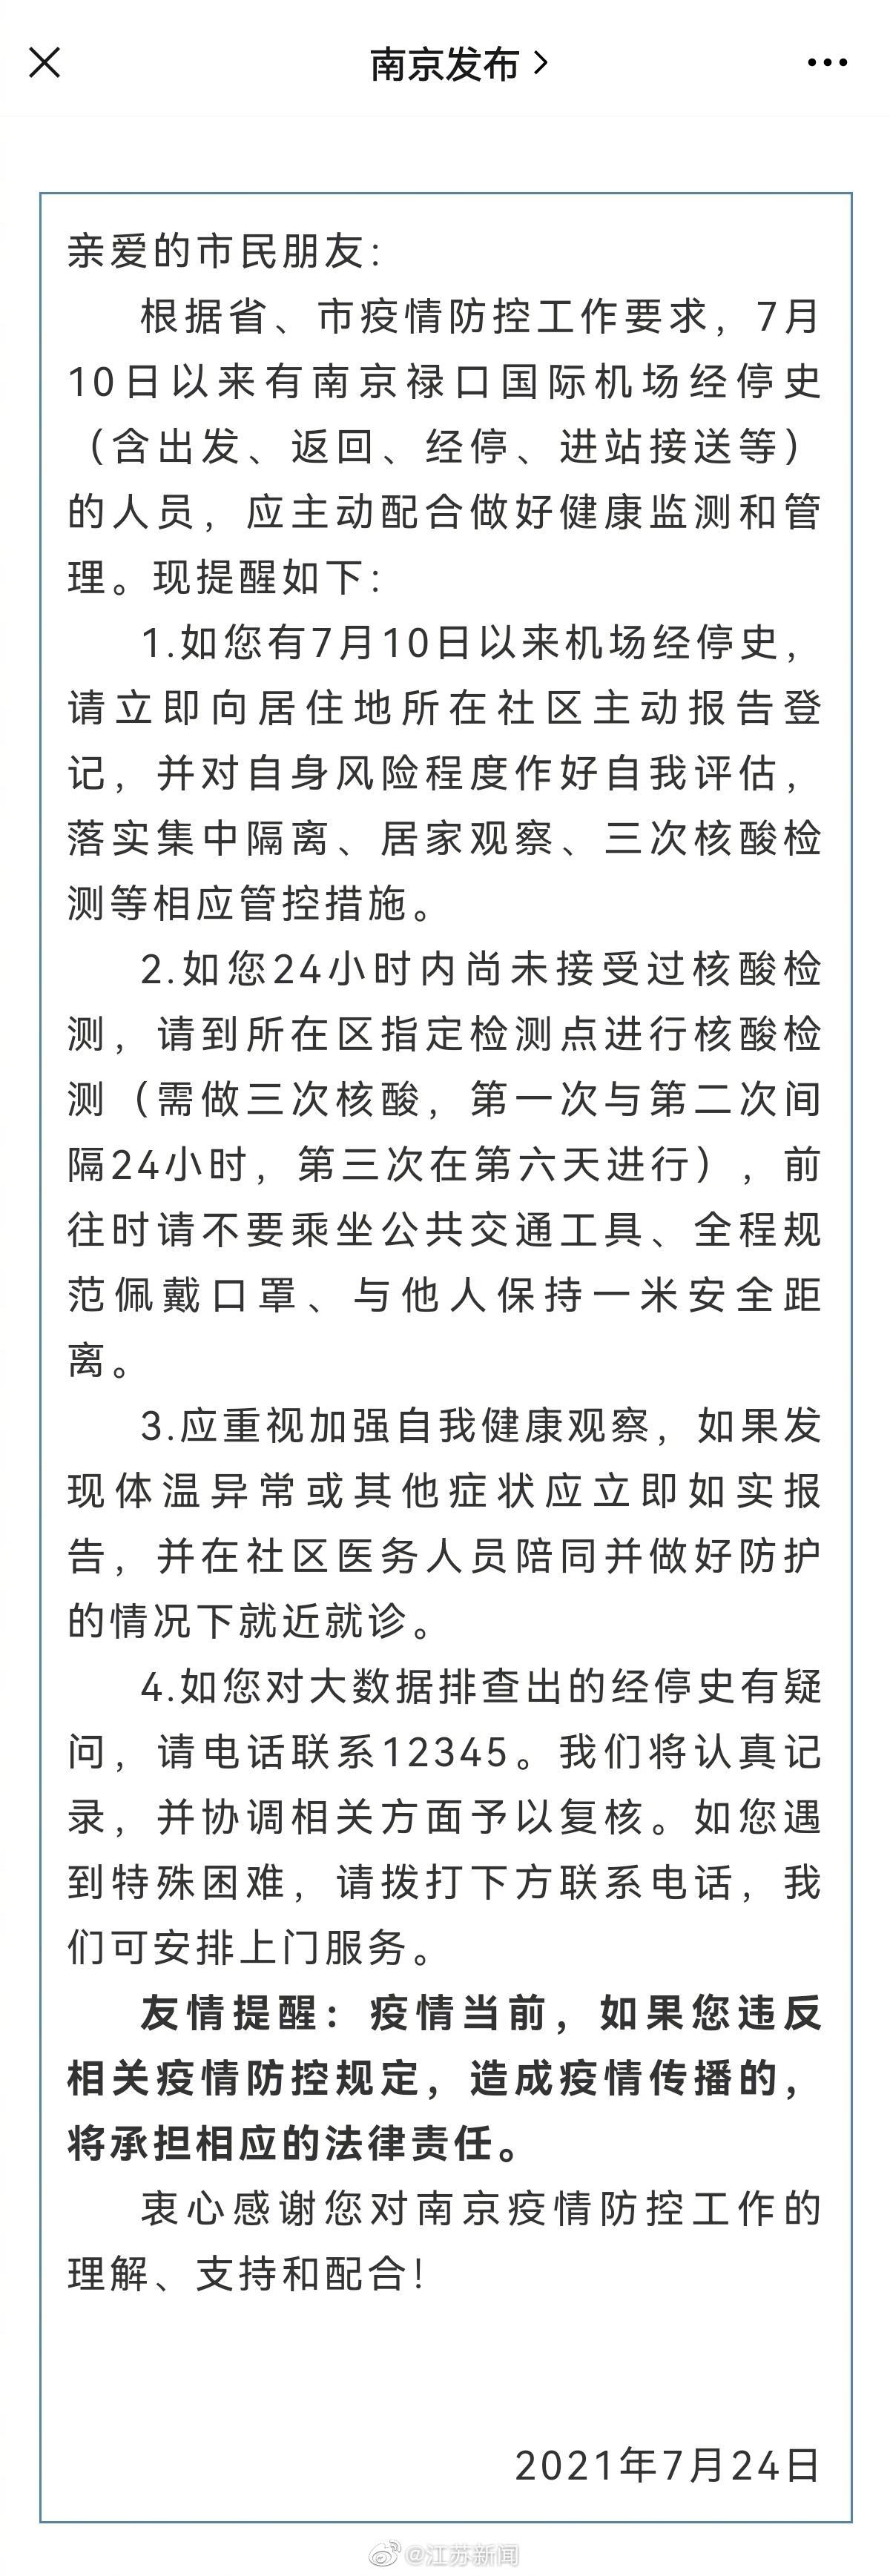 对南京禄口机场经停史有疑问可致电12345